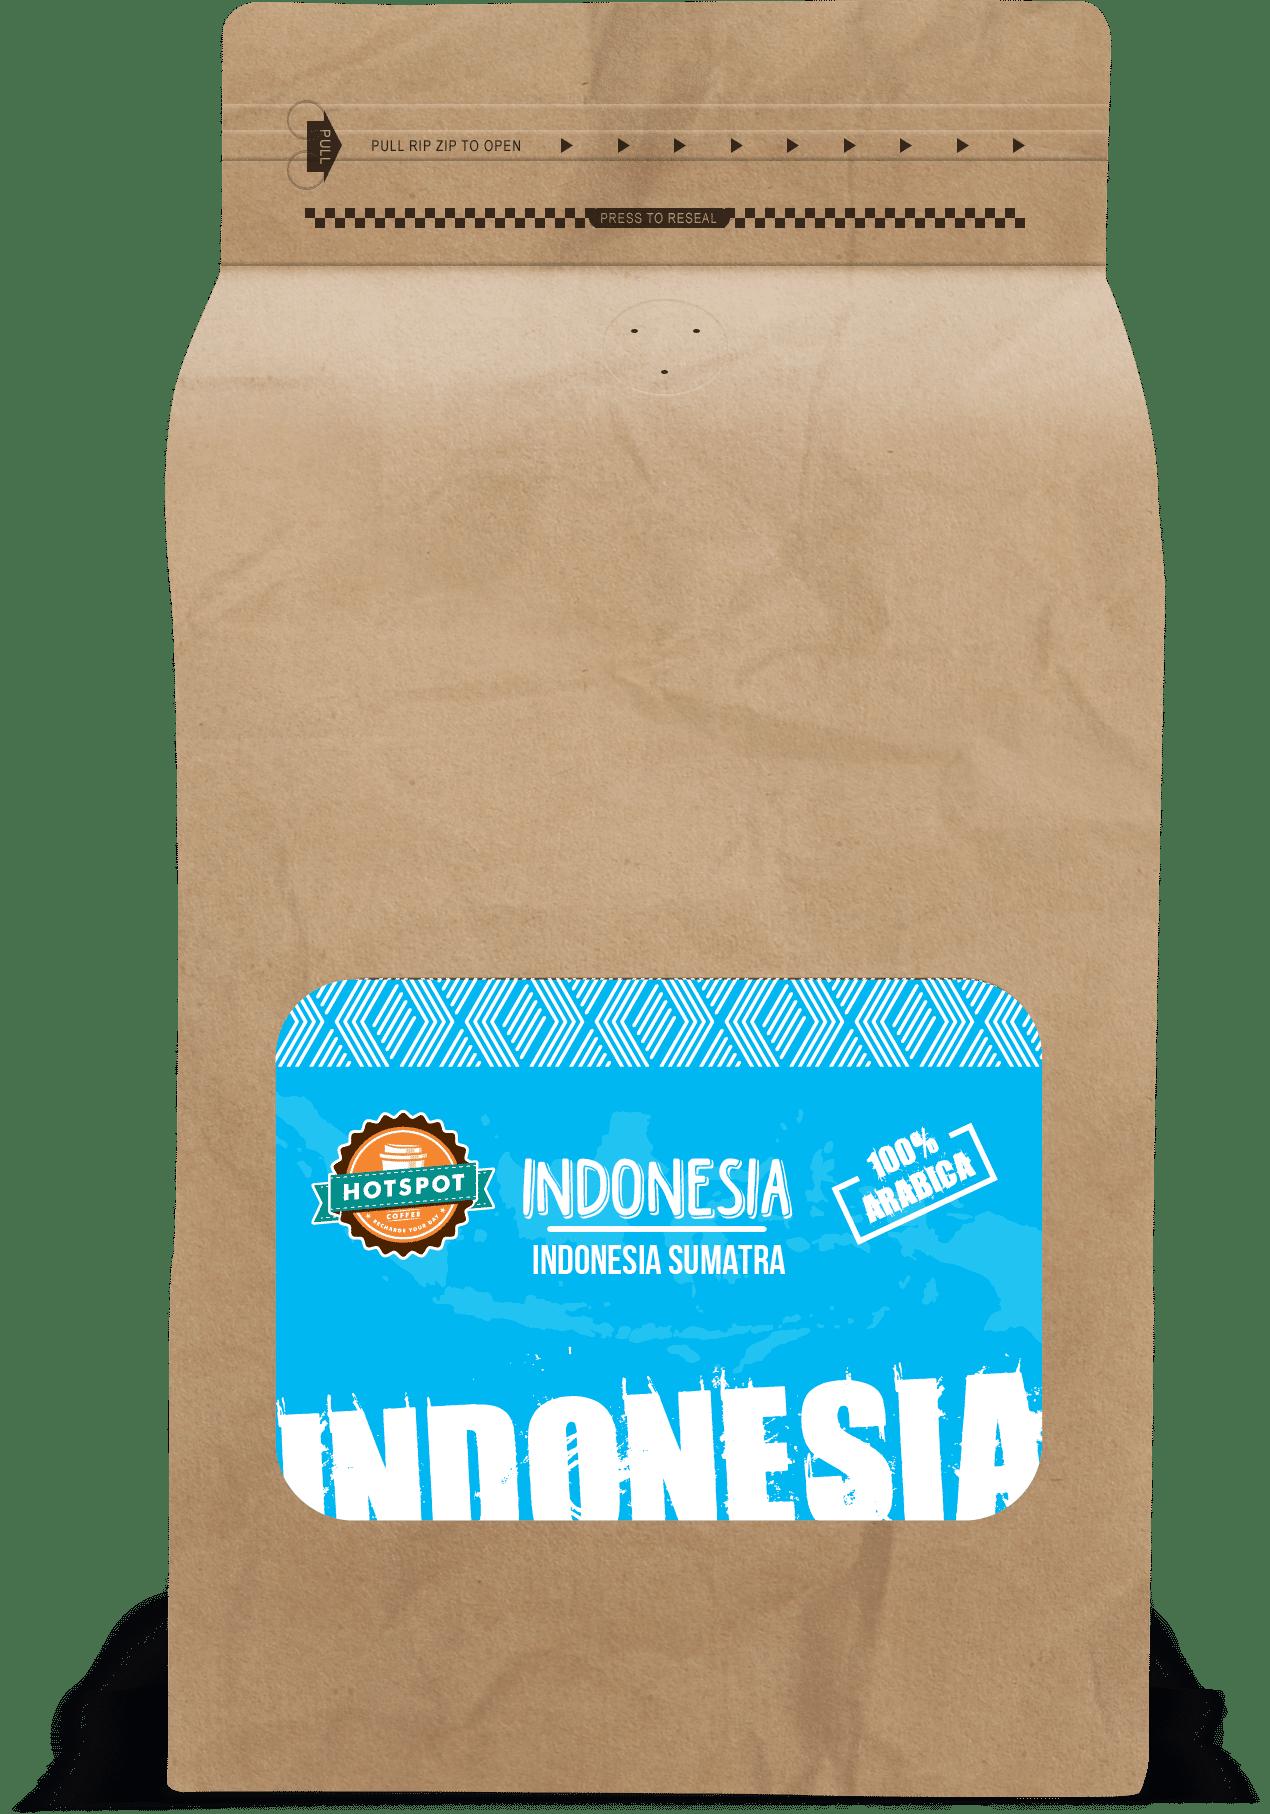 Indonesia Sumatra